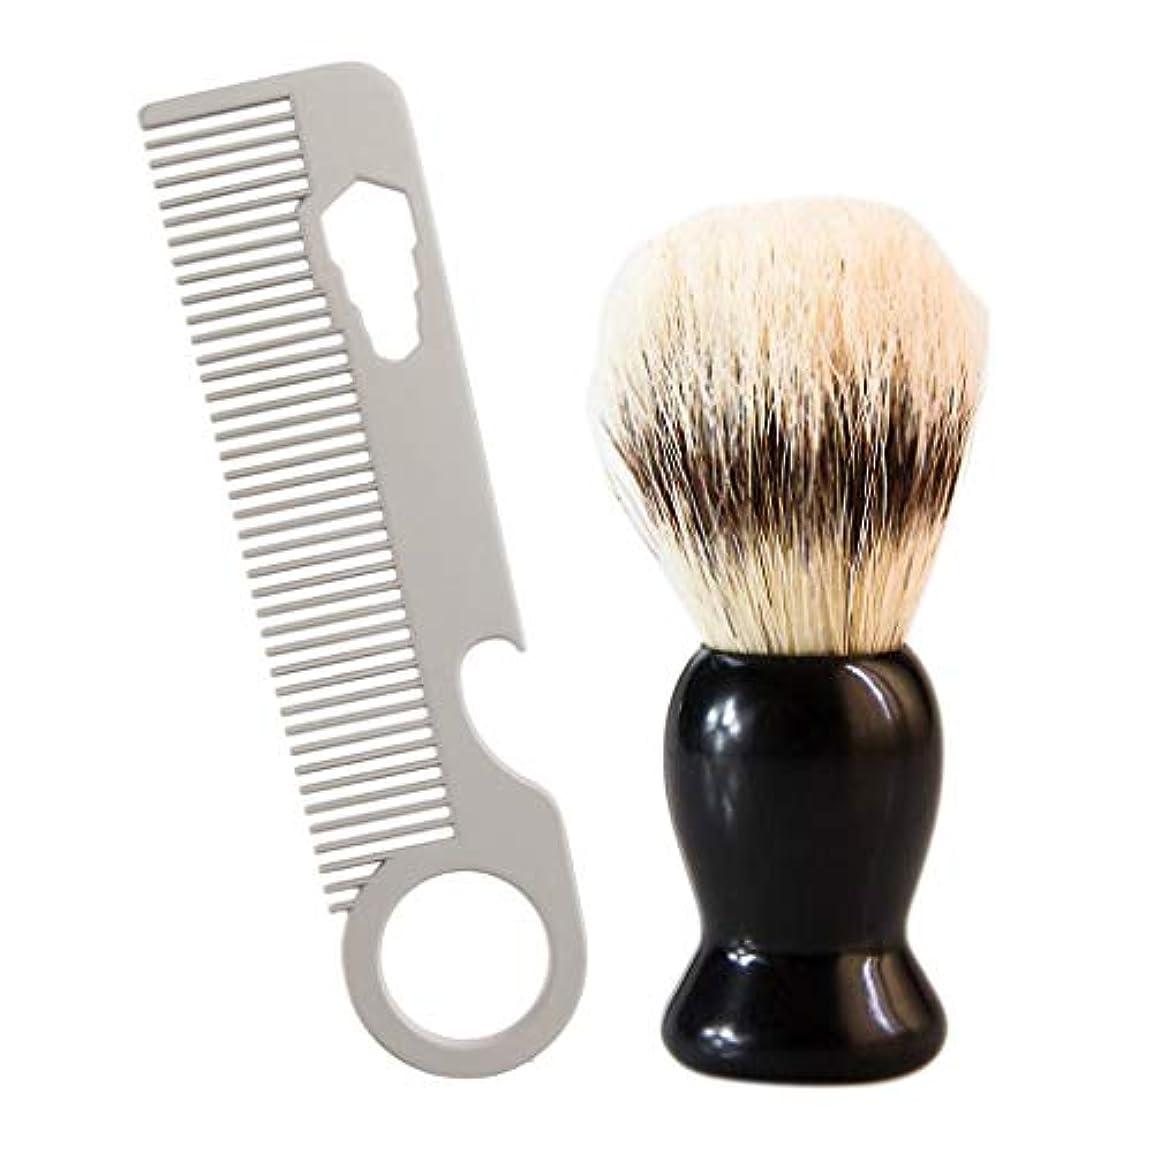 ショップカメアナリスト男性用 ひげ剃り櫛 シェービングブラシ 理容 洗顔 髭剃り 旅行 携帯便利 2個セット